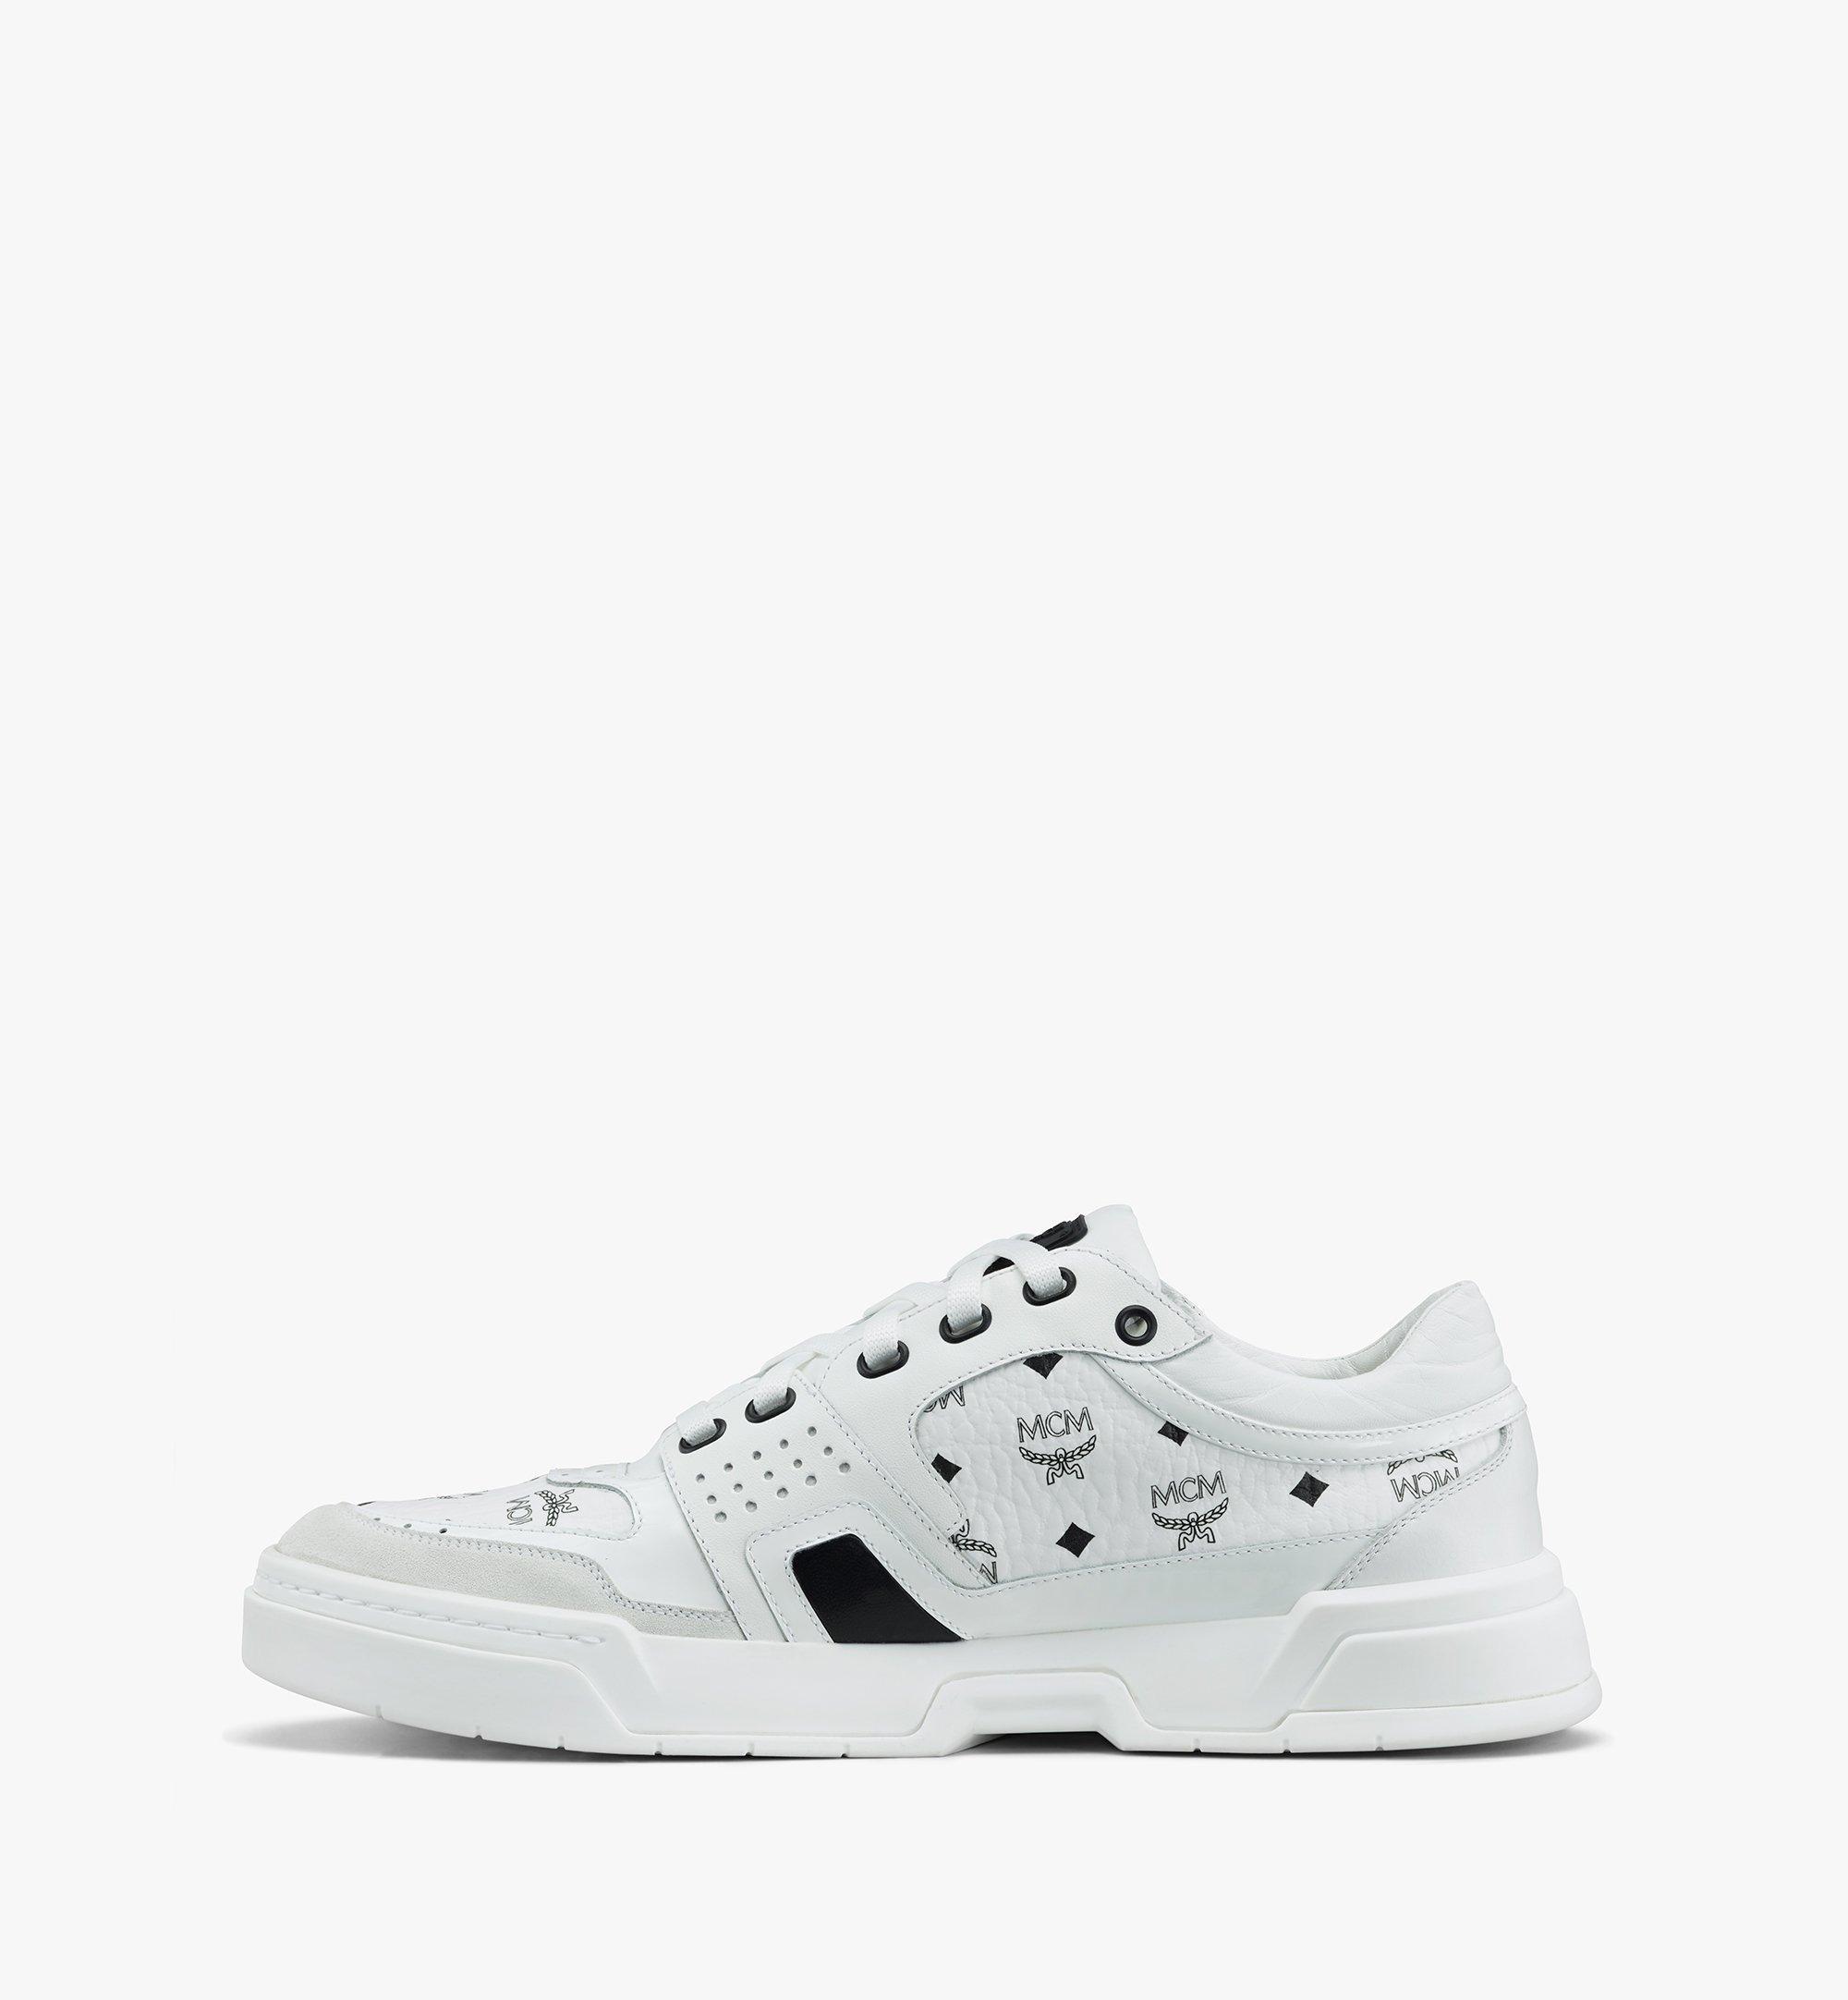 MCM Skyward Low-Top-Sneaker in Visetos für Damen White MESASMM44WT039 Alternate View 4